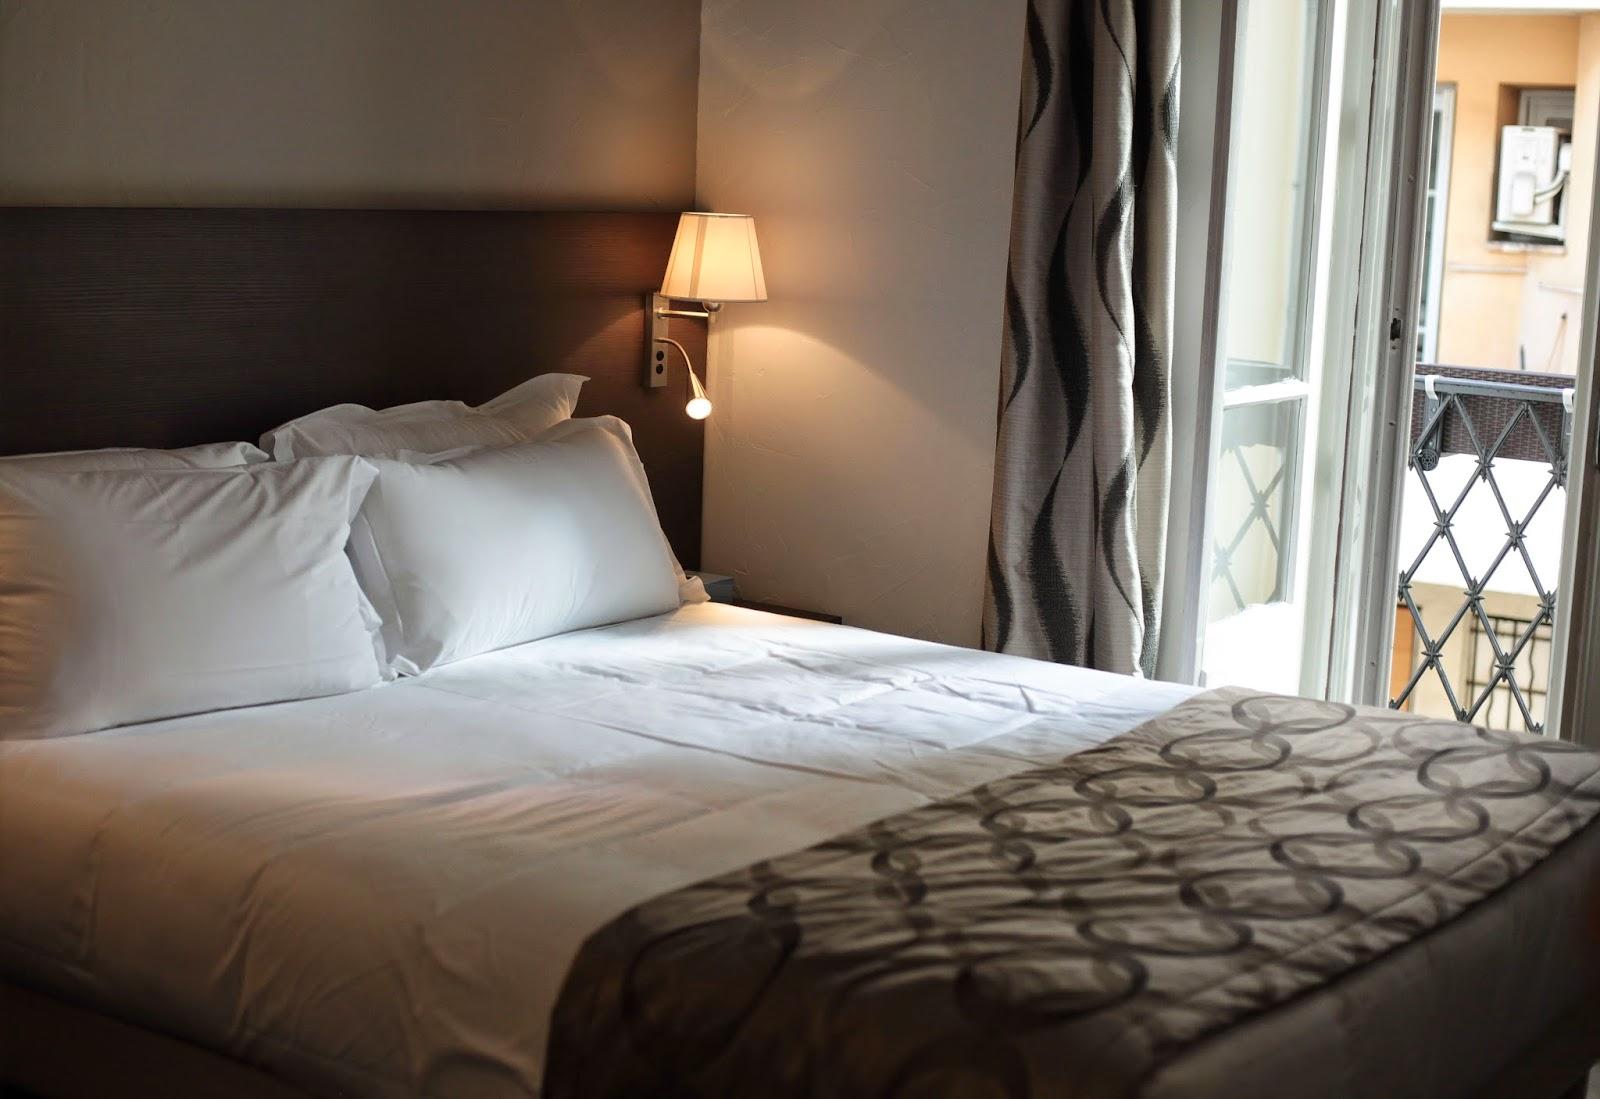 Hotel Caroline bed